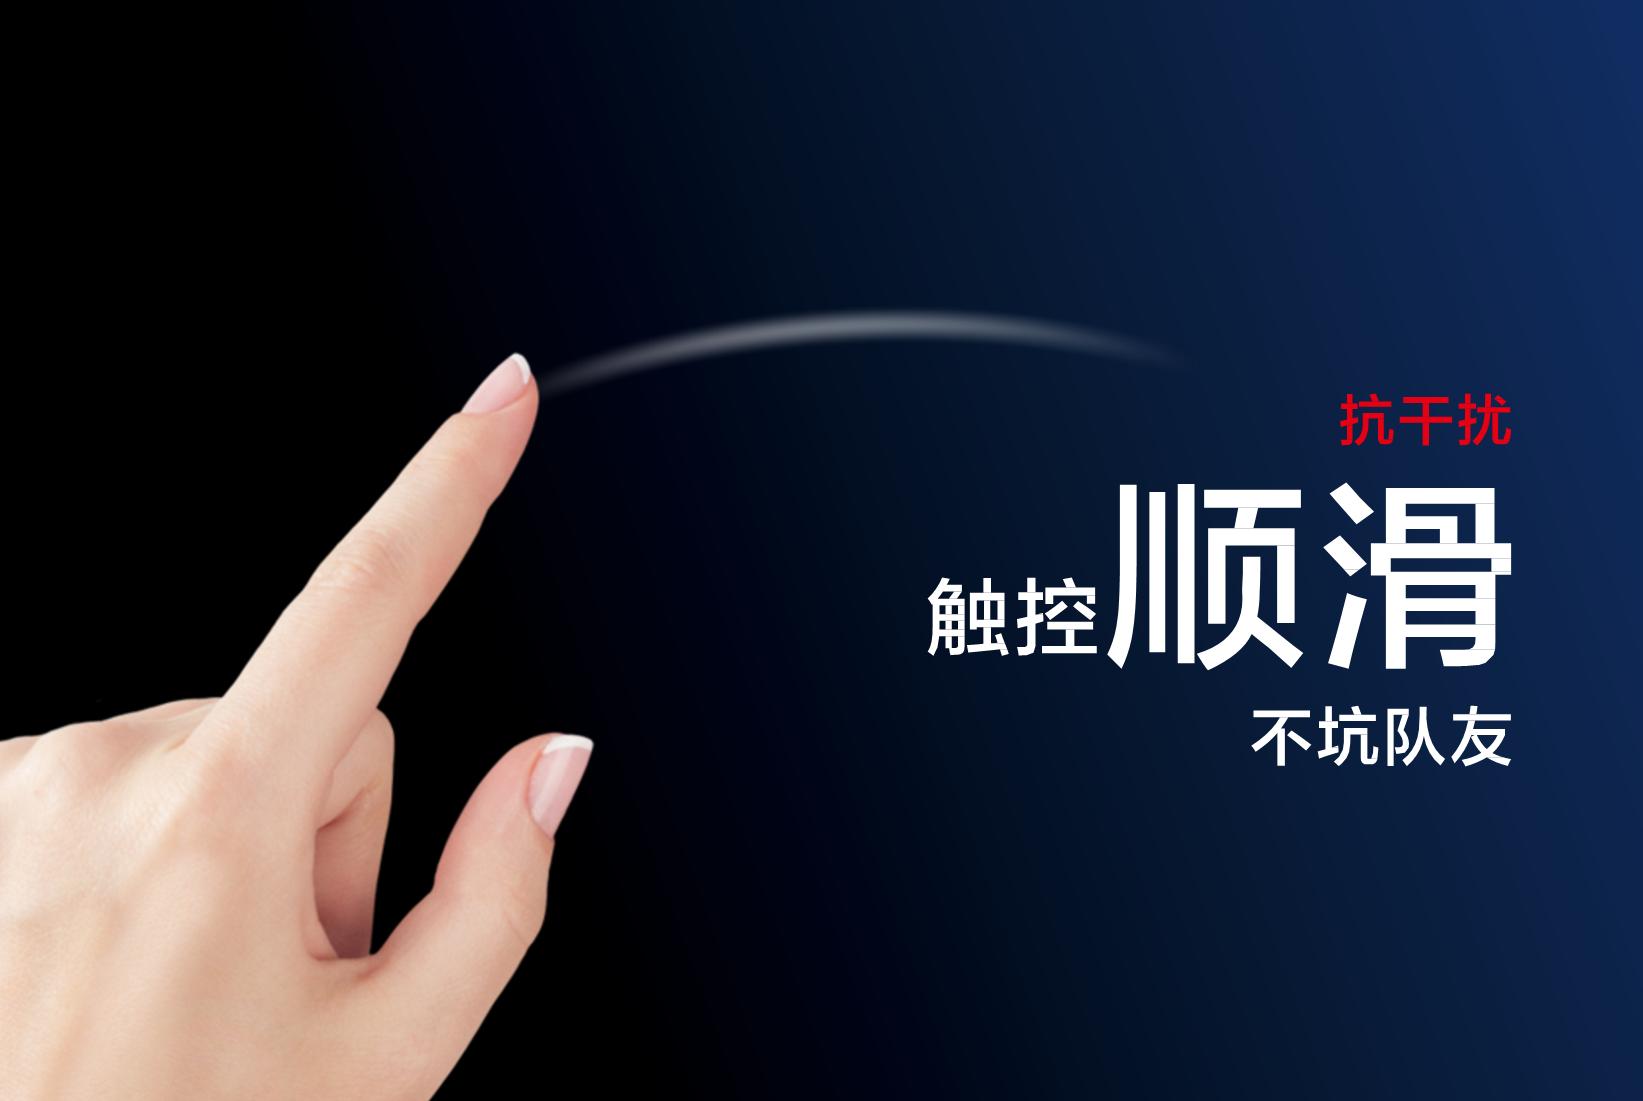 重磅官宣!沃品推出行业首款手游专用电池-火狐 业内 第10张